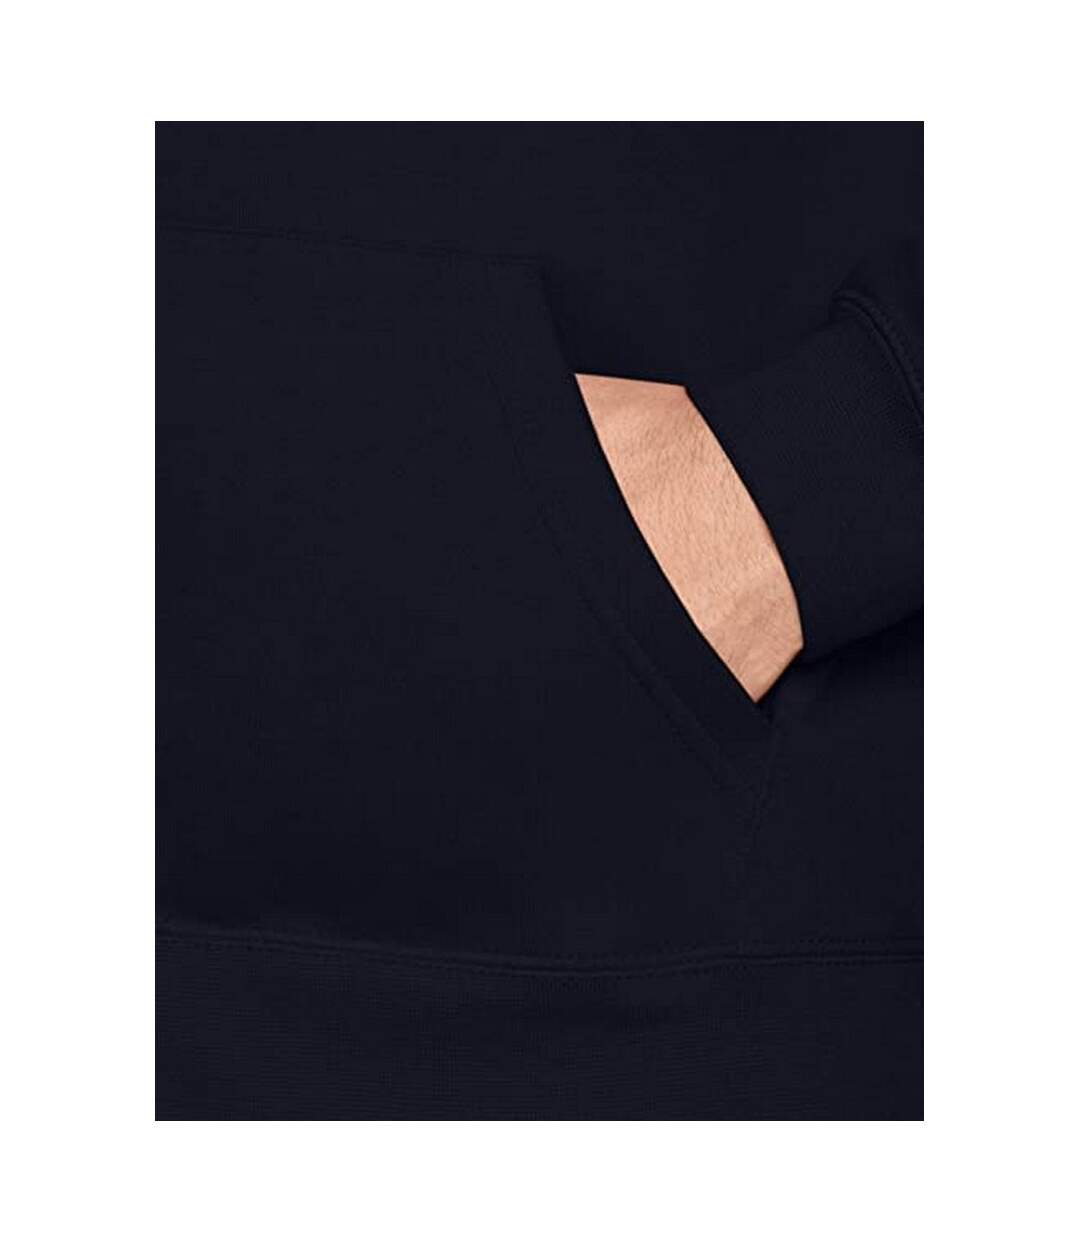 Fruit Of The Loom Mens Premium 70/30 Hooded Zip-Up Sweatshirt / Hoodie (Deep Navy) - UTRW3161